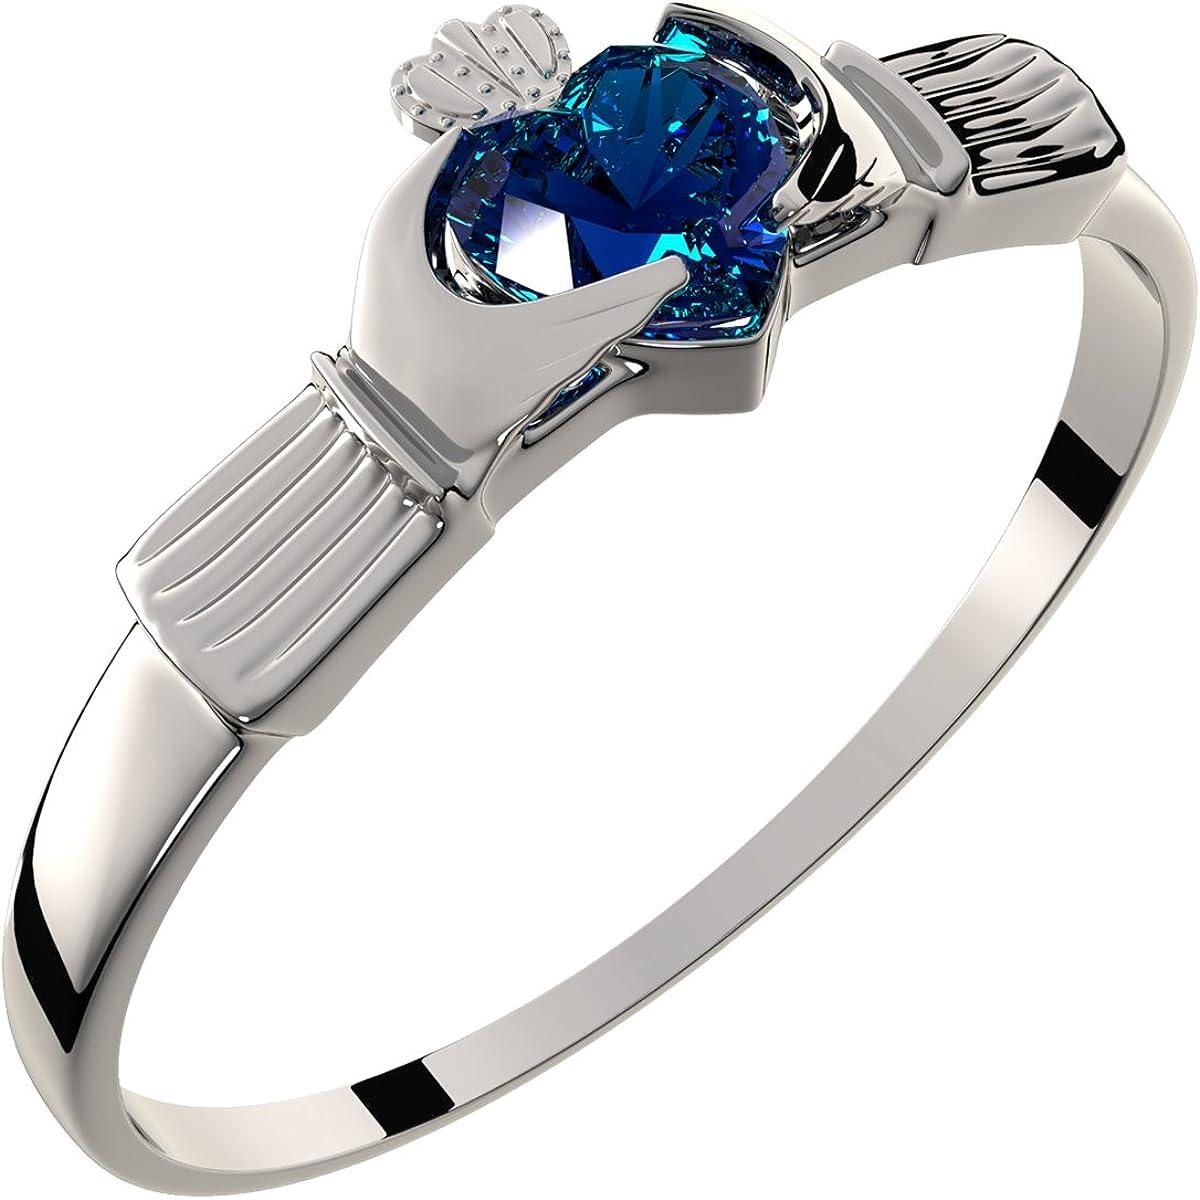 GWG Jewellery Anillos Mujer Regalo Anillo Fino de Claddagh Plata de Ley Dos Manos Que Rodean Corazón de Circonita de Color Zafiro Azul con Corona para Mujeres